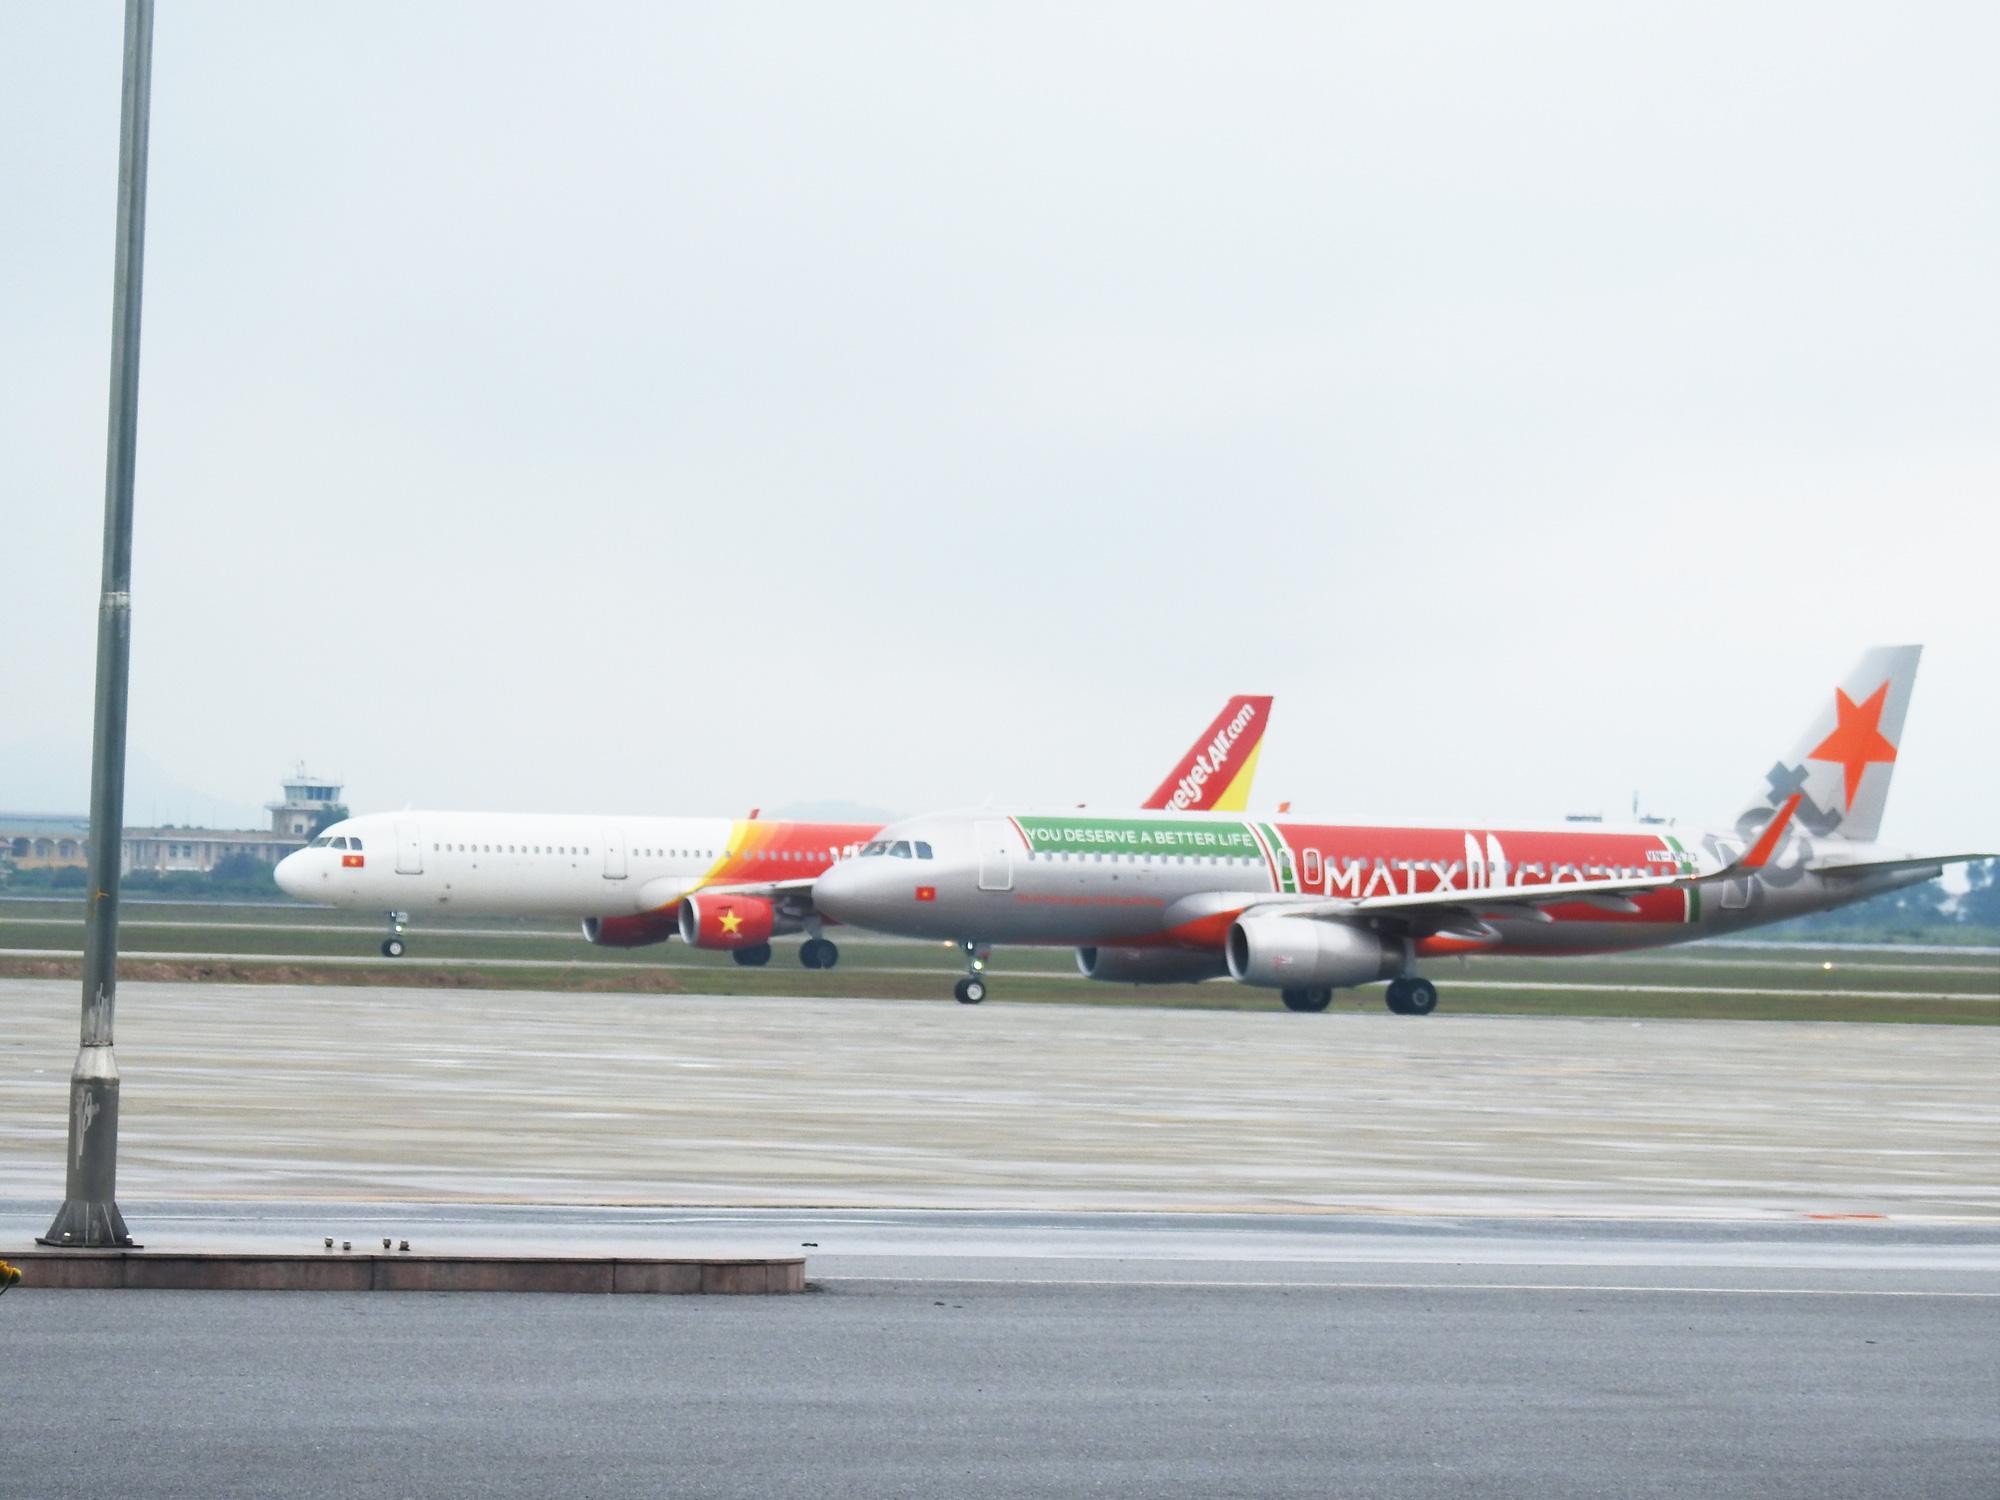 Hàng không Việt trong tháng cao điểm chống dịch: Số chuyến bay giảm 81%, tỉ lệ đúng giờ tăng vọt - Ảnh 2.